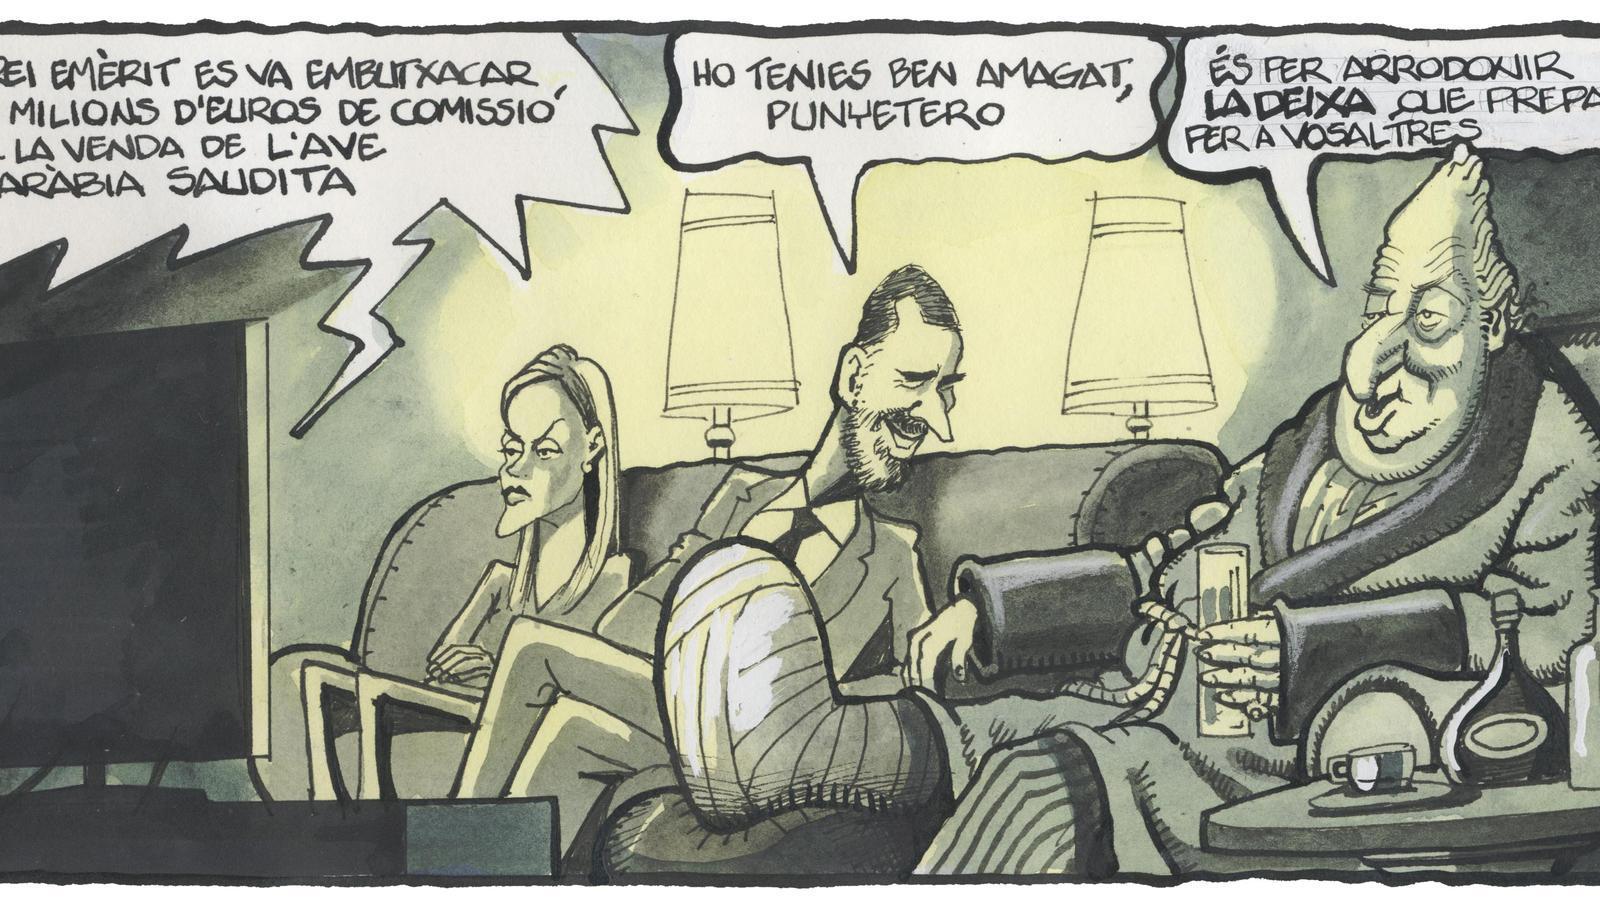 'A la contra', per Ferreres 06/03/2020